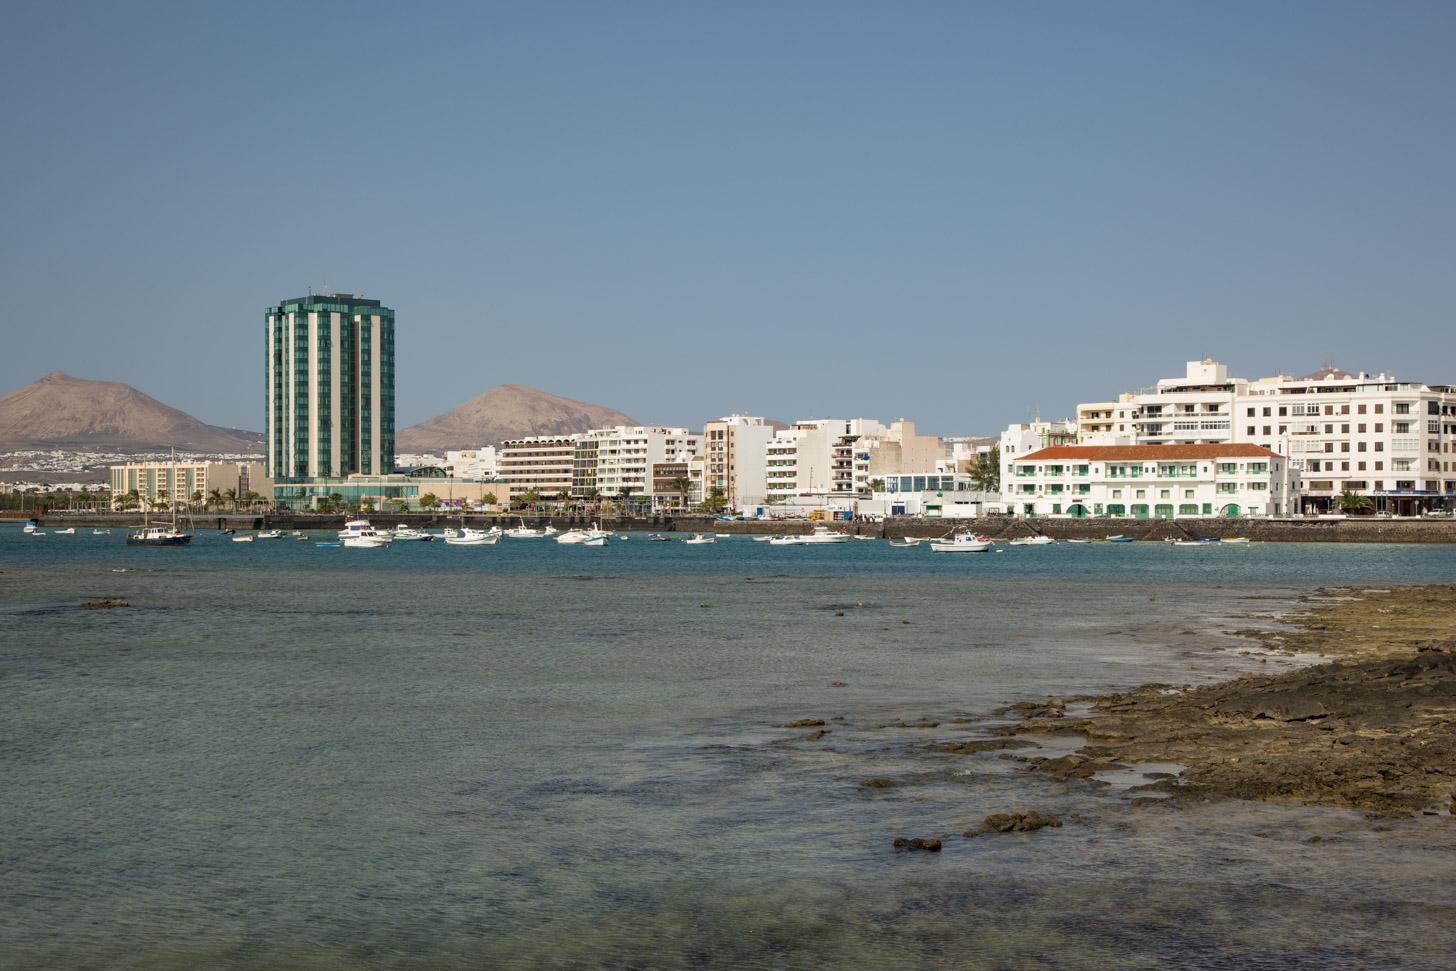 Arrecife ziet er al wat meer stads uit